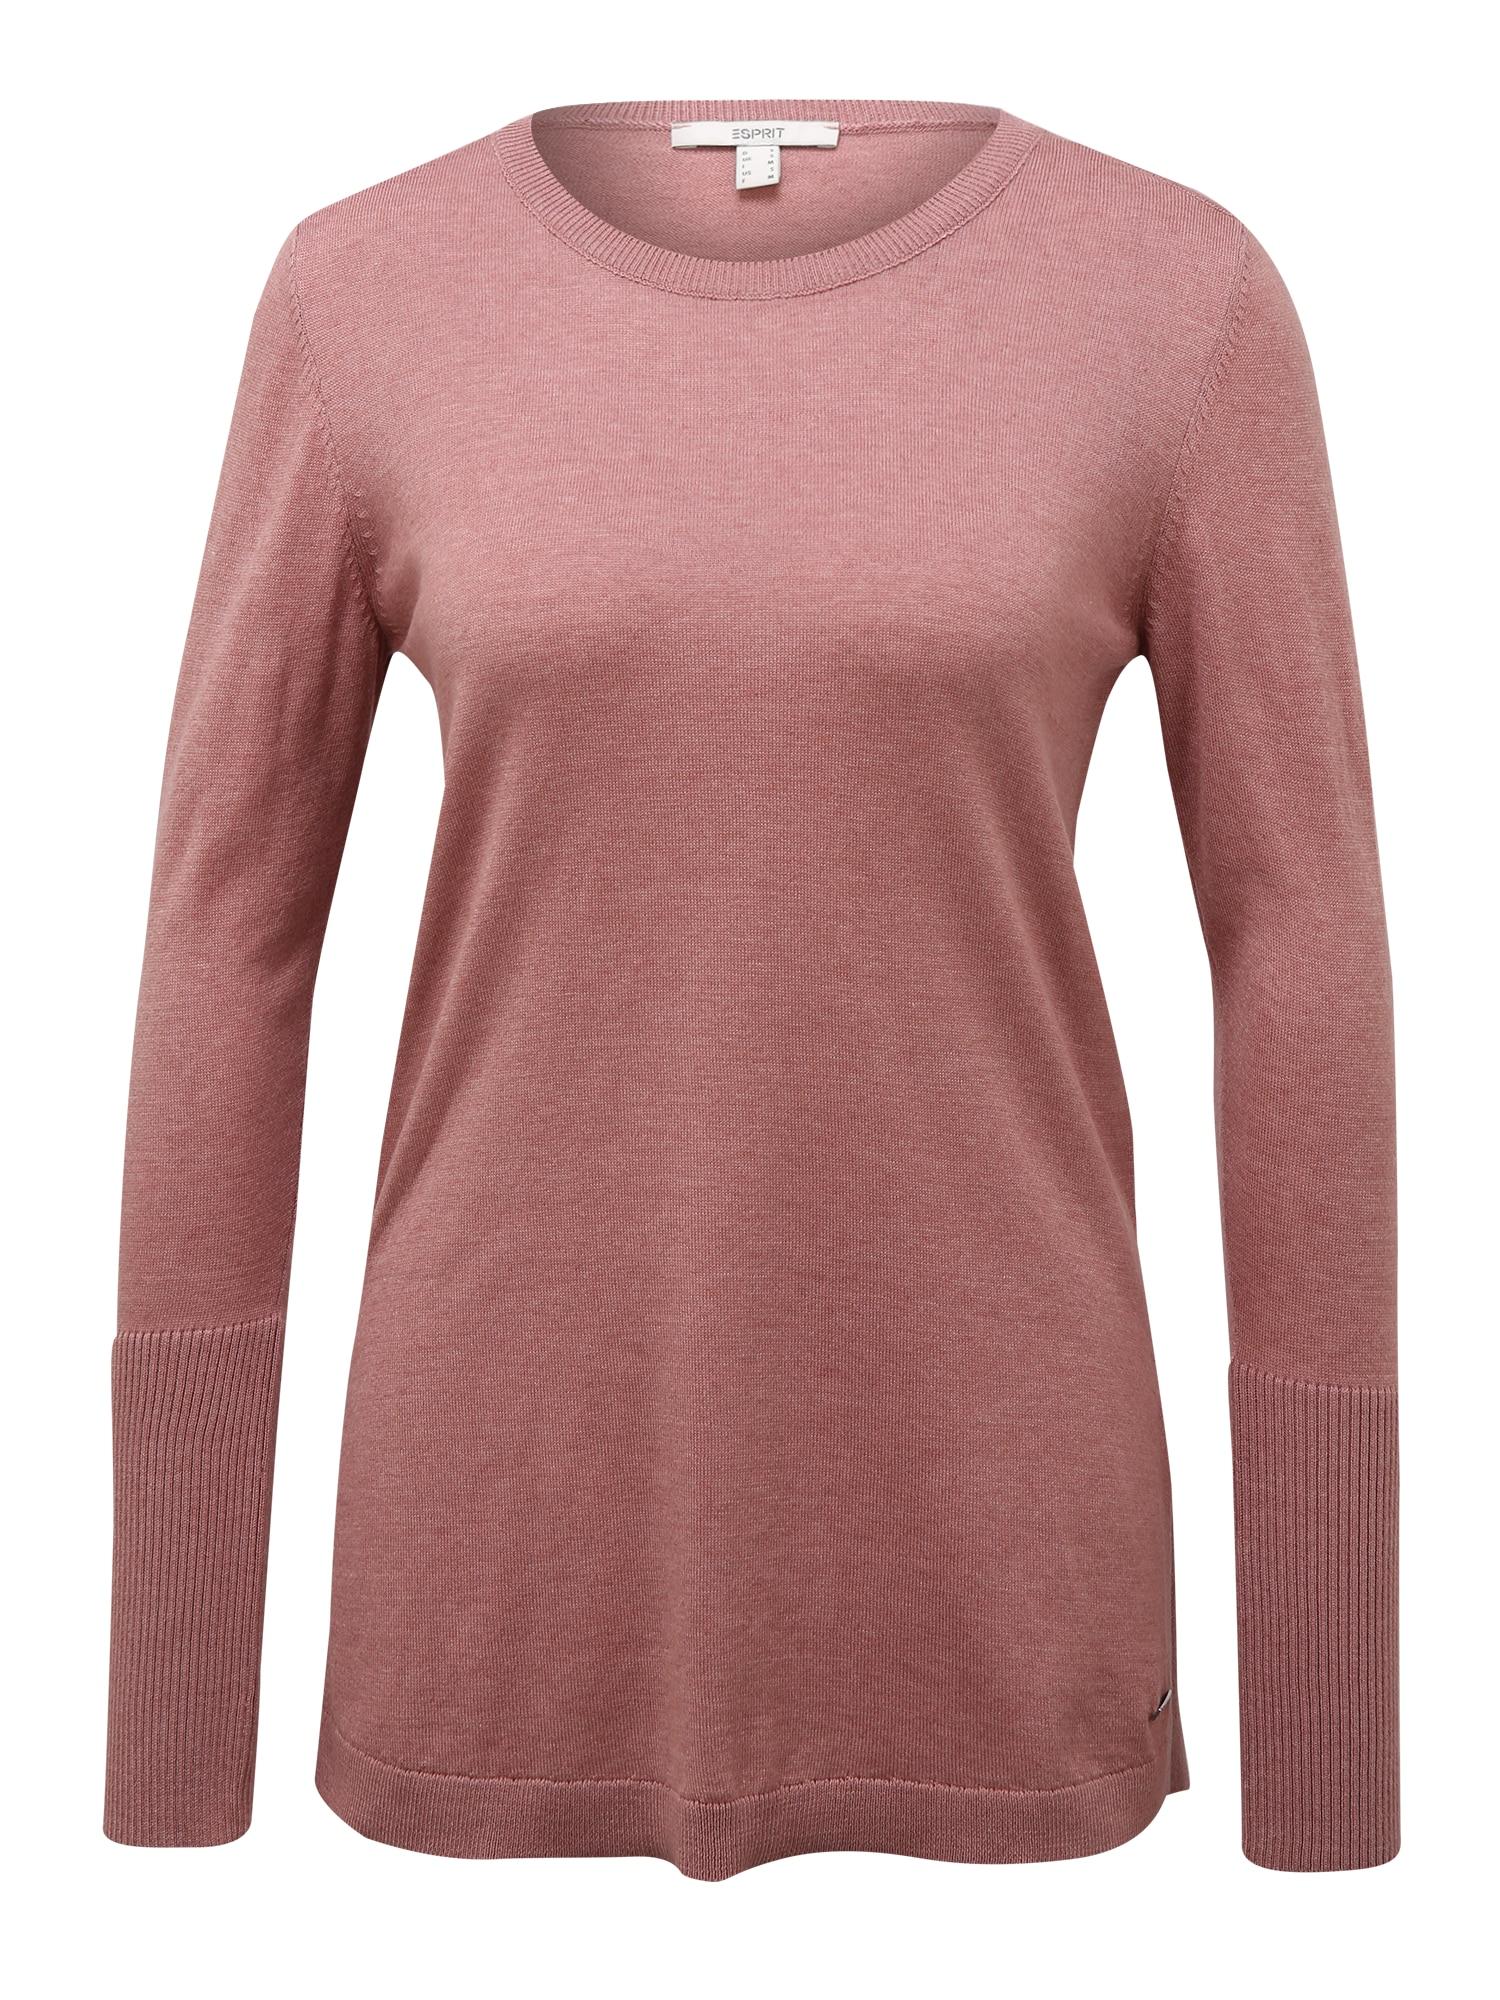 Esprit Maternity Megztinis ryškiai rožinė spalva